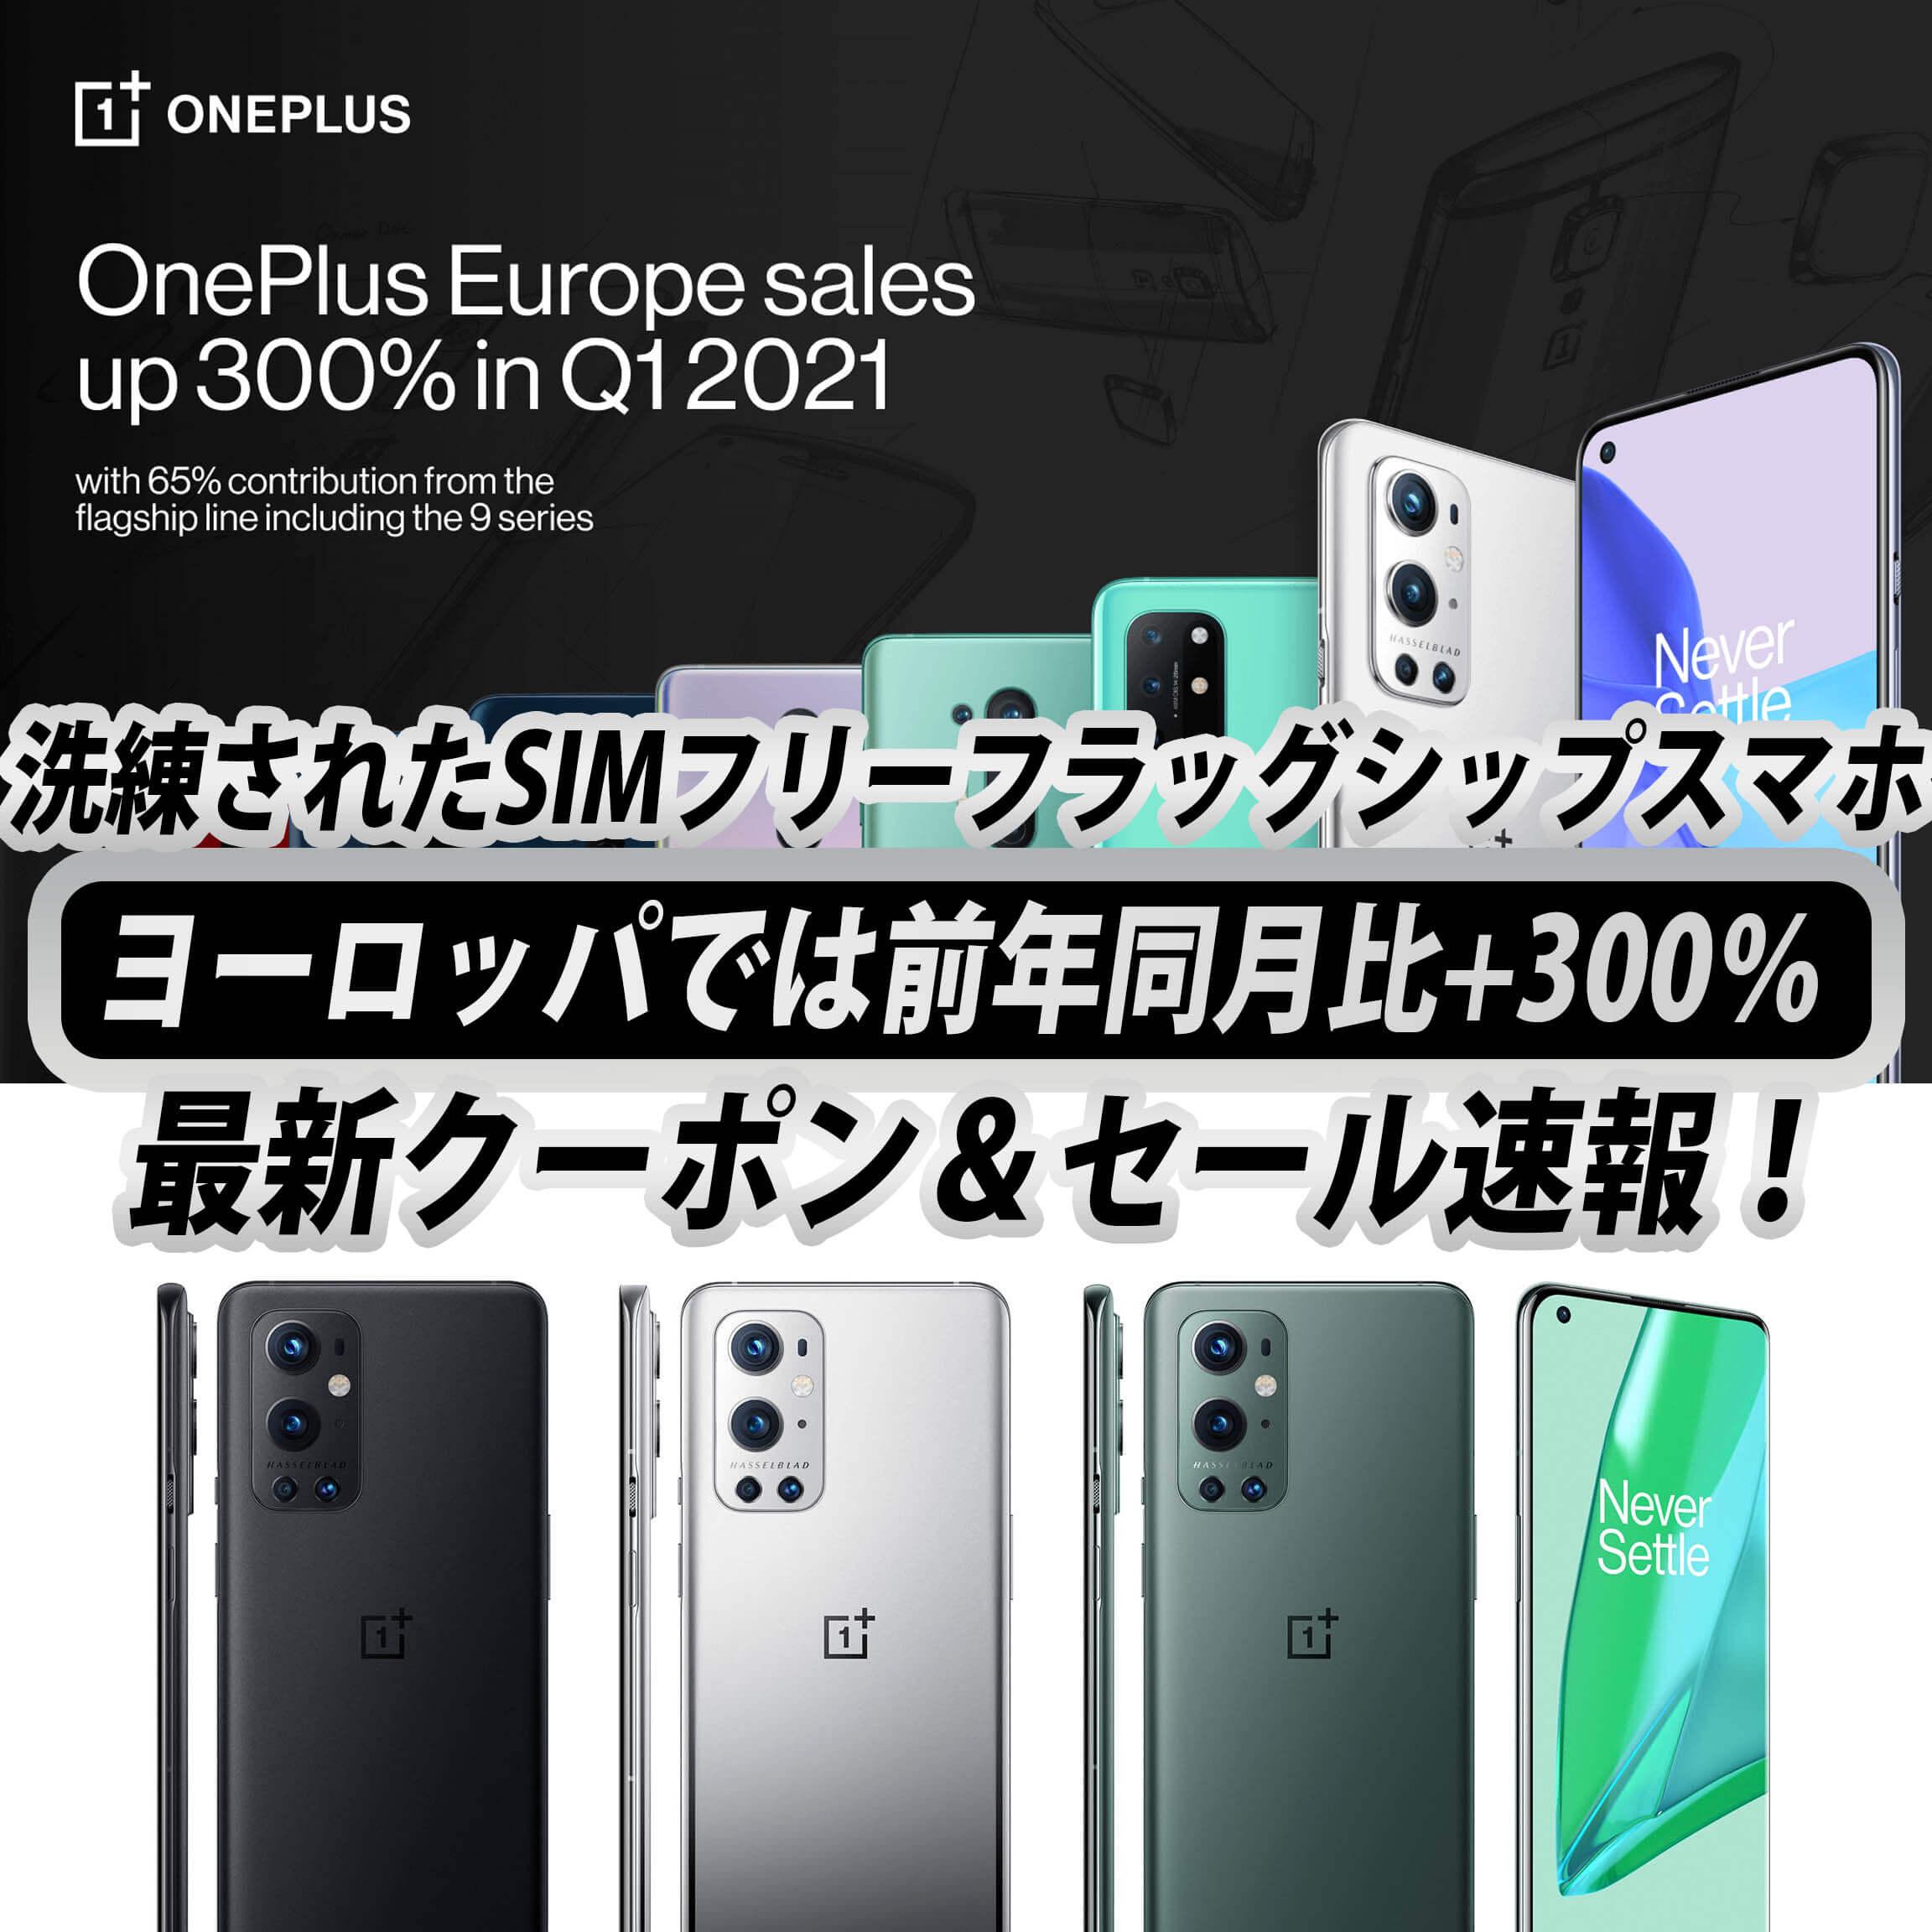 ヨーロッパでも大人気!OnePlus 9、OnePlus 9 Pro最新セール情報